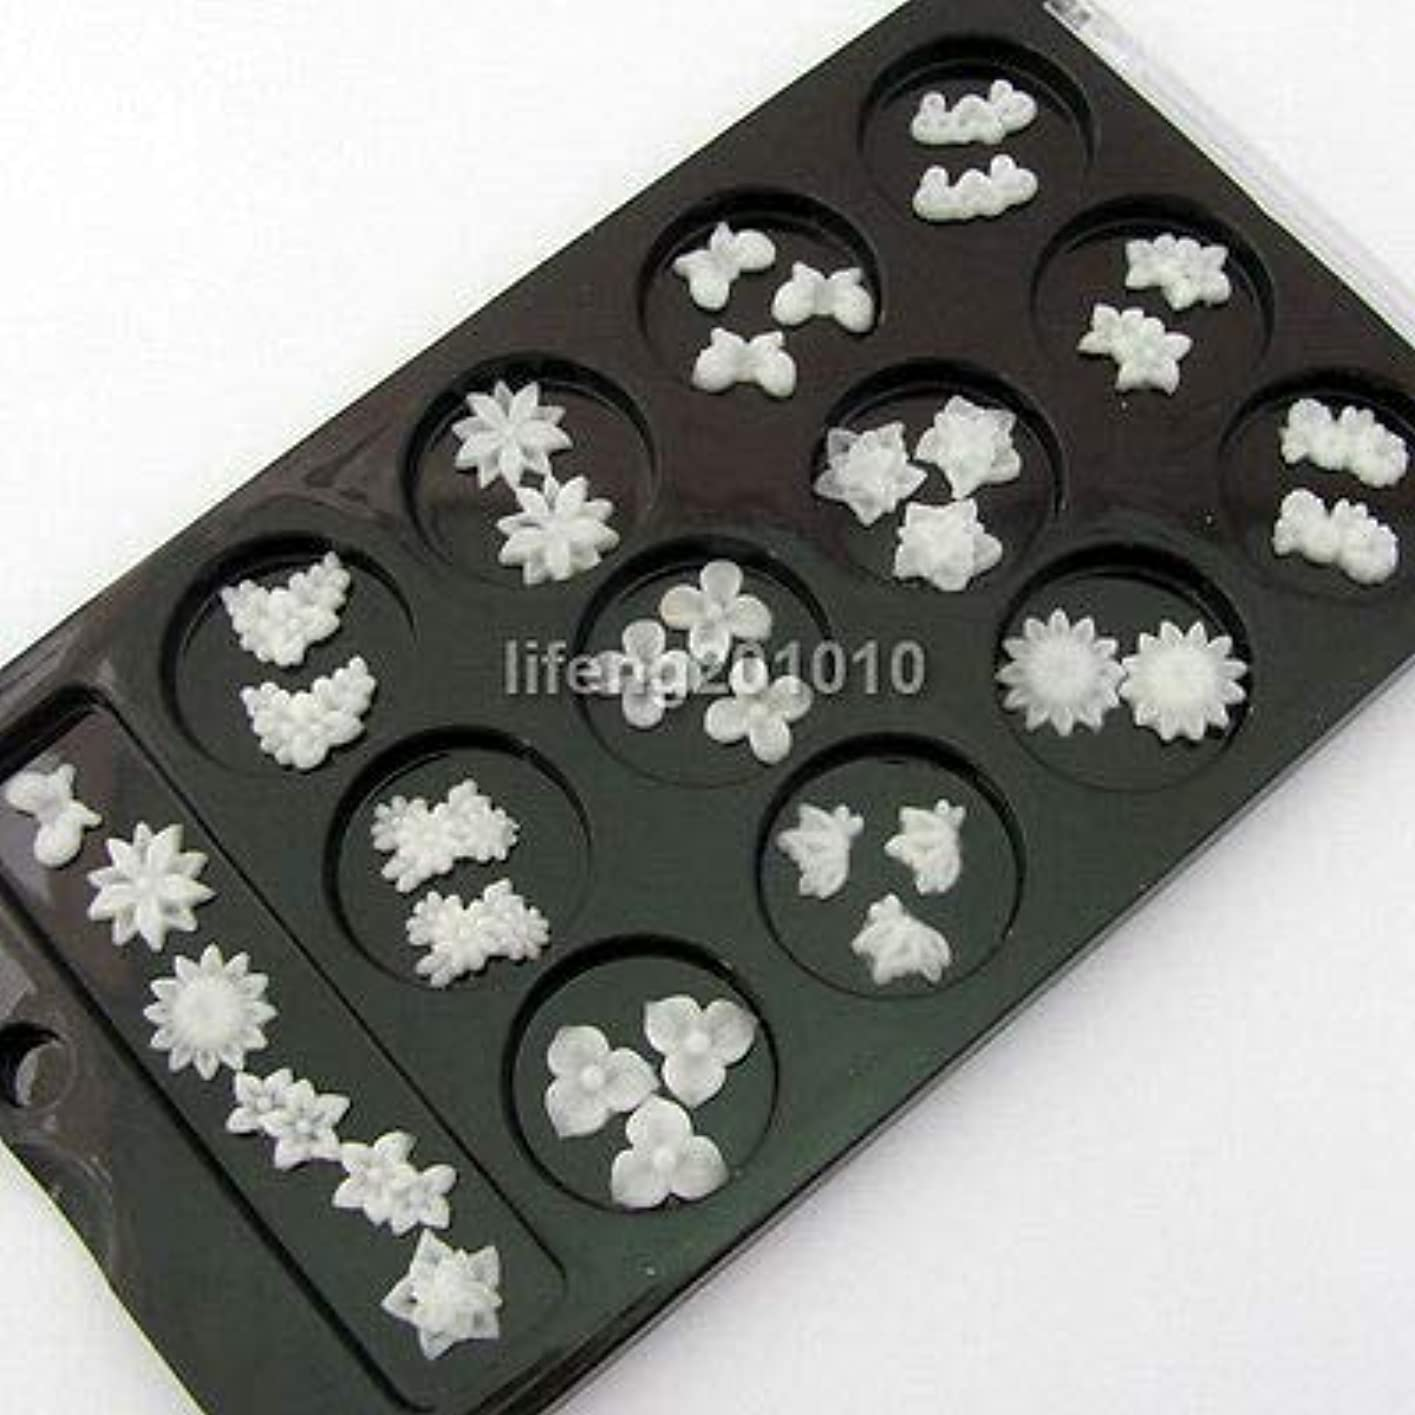 成功する満了教授FidgetGear ネイルアートの装飾の携帯電話の付属品のための60PC白3Dの釘の花のスライス